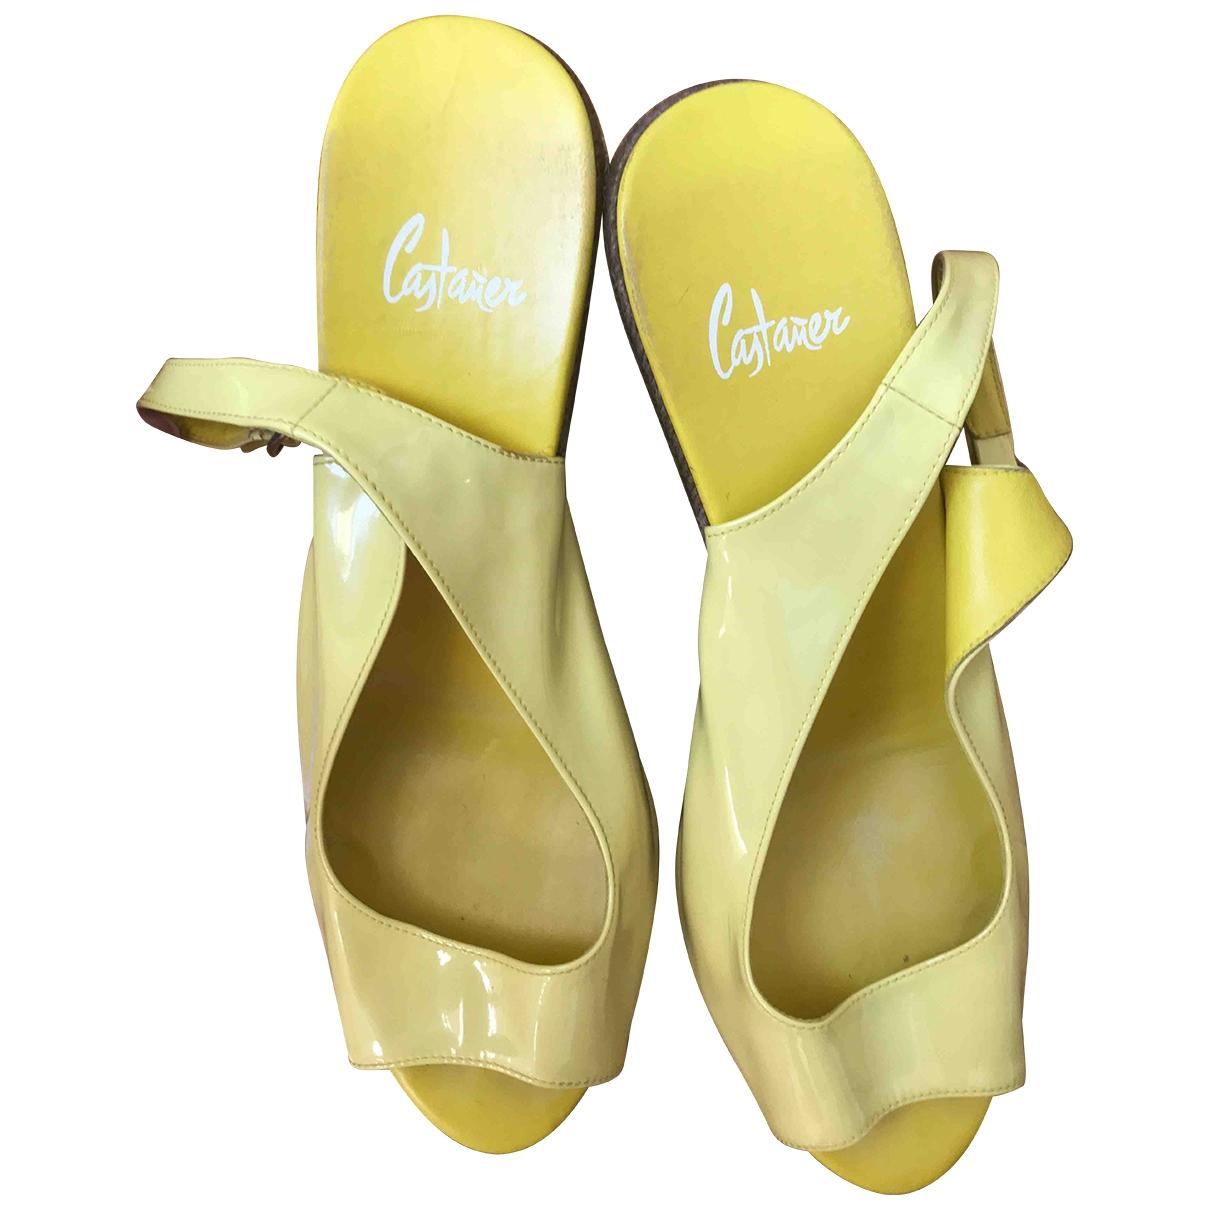 Castaner - Espadrilles   pour femme en cuir verni - jaune